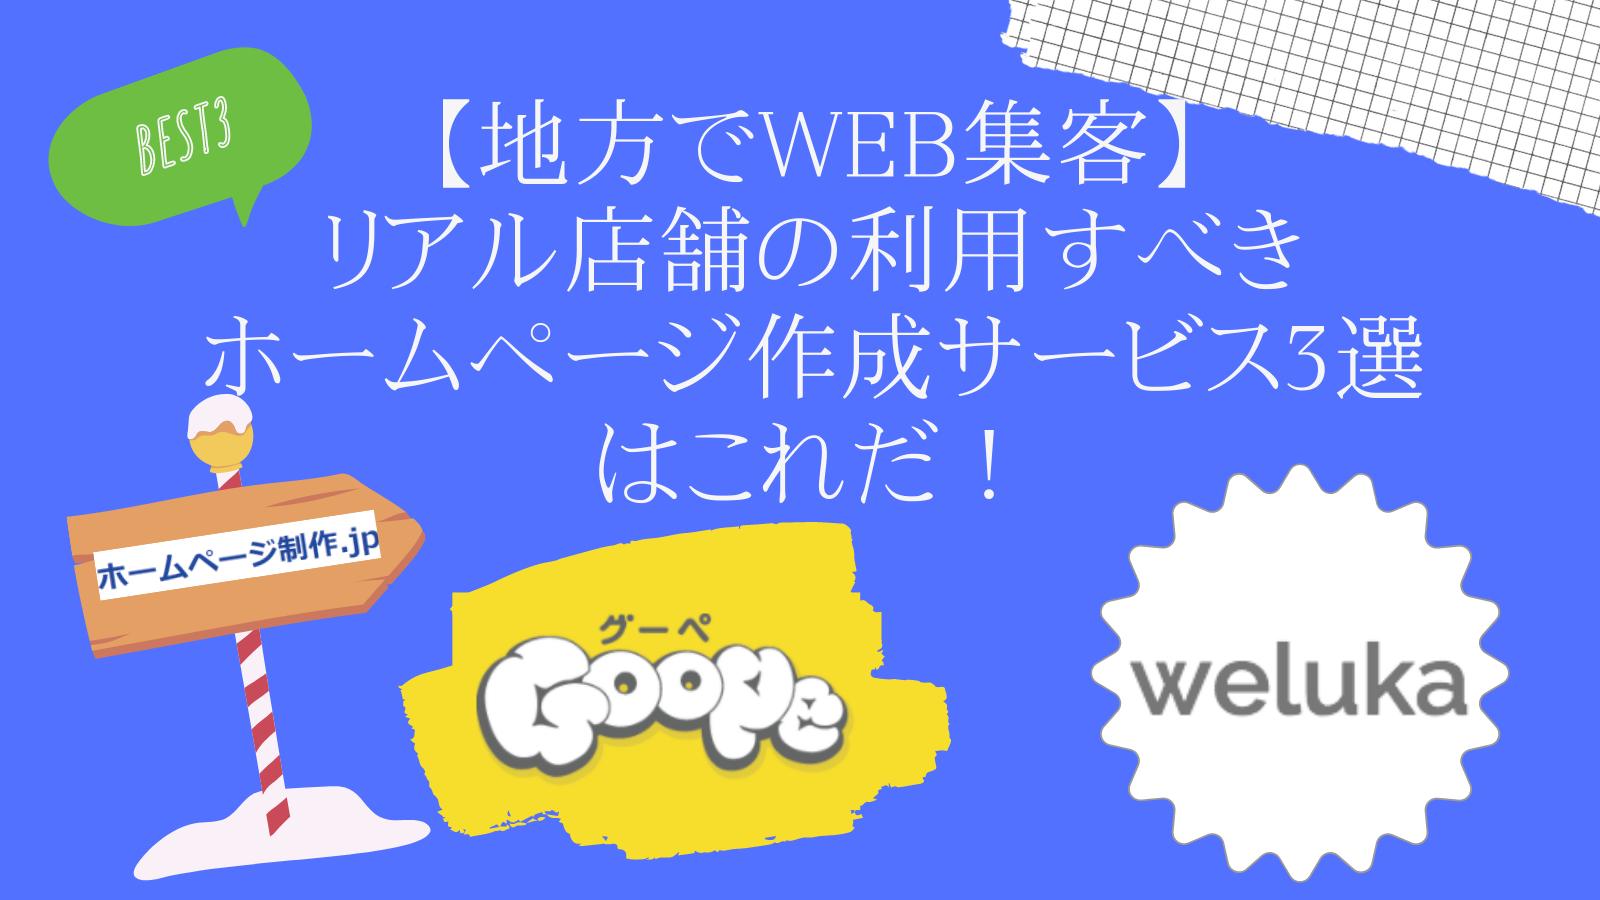 【地方でWEB集客】リアル店舗の利用すべきホームページ作成サービス3選はこれだ!